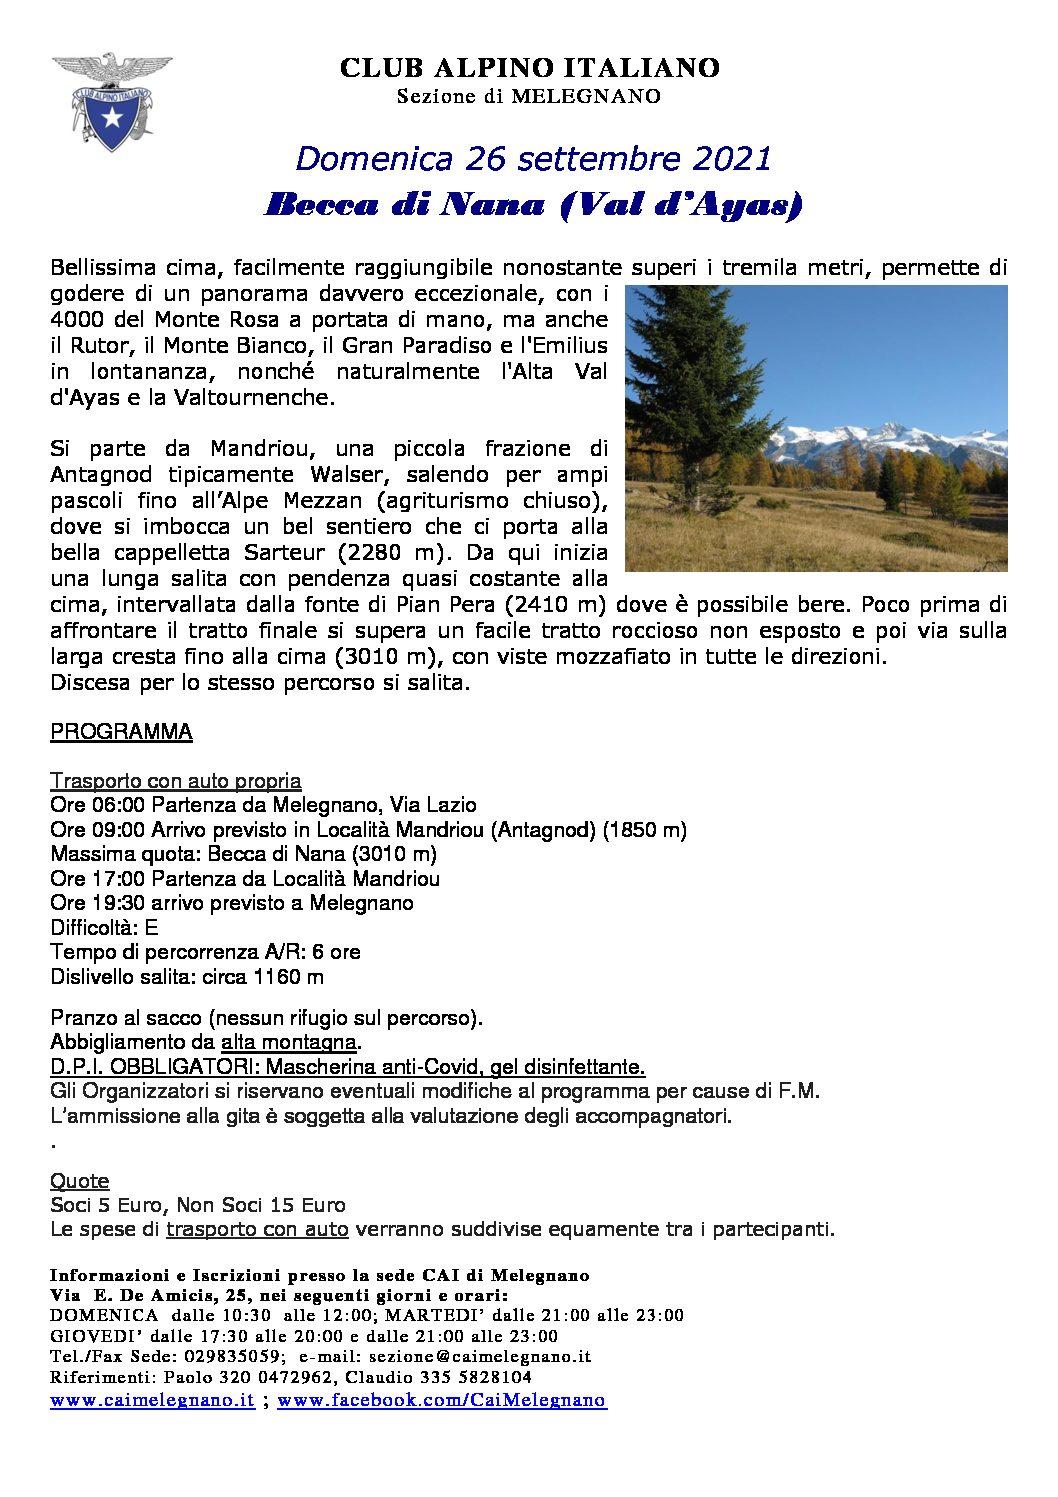 Escursione alla Becca di Nana – mt 3010 – 26 settembre 2021